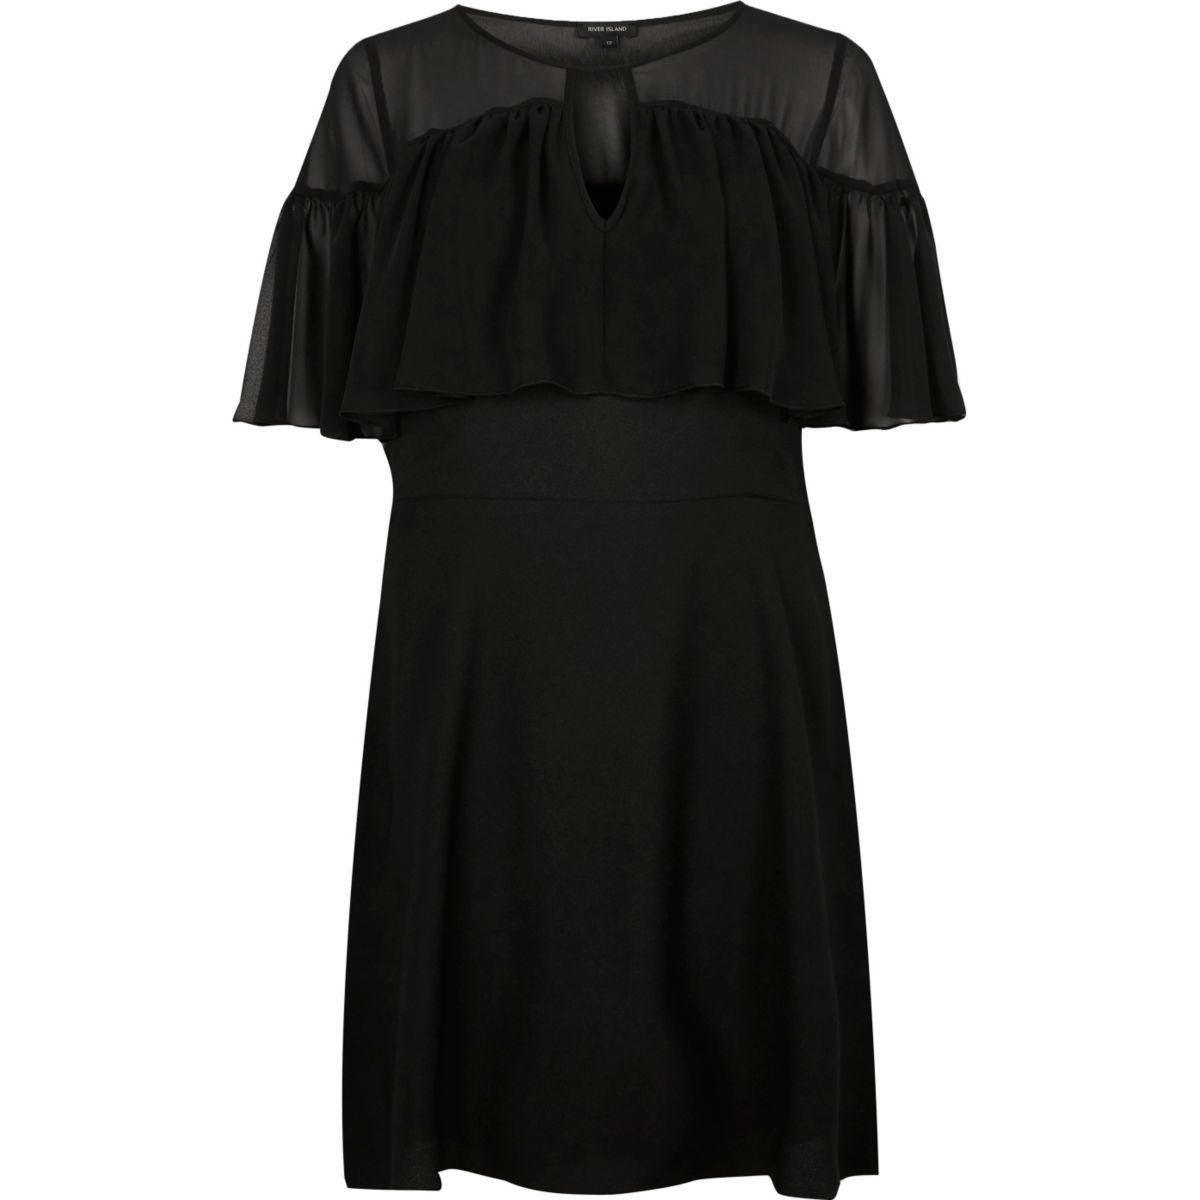 Robe noire effet superposé avec manches à volants